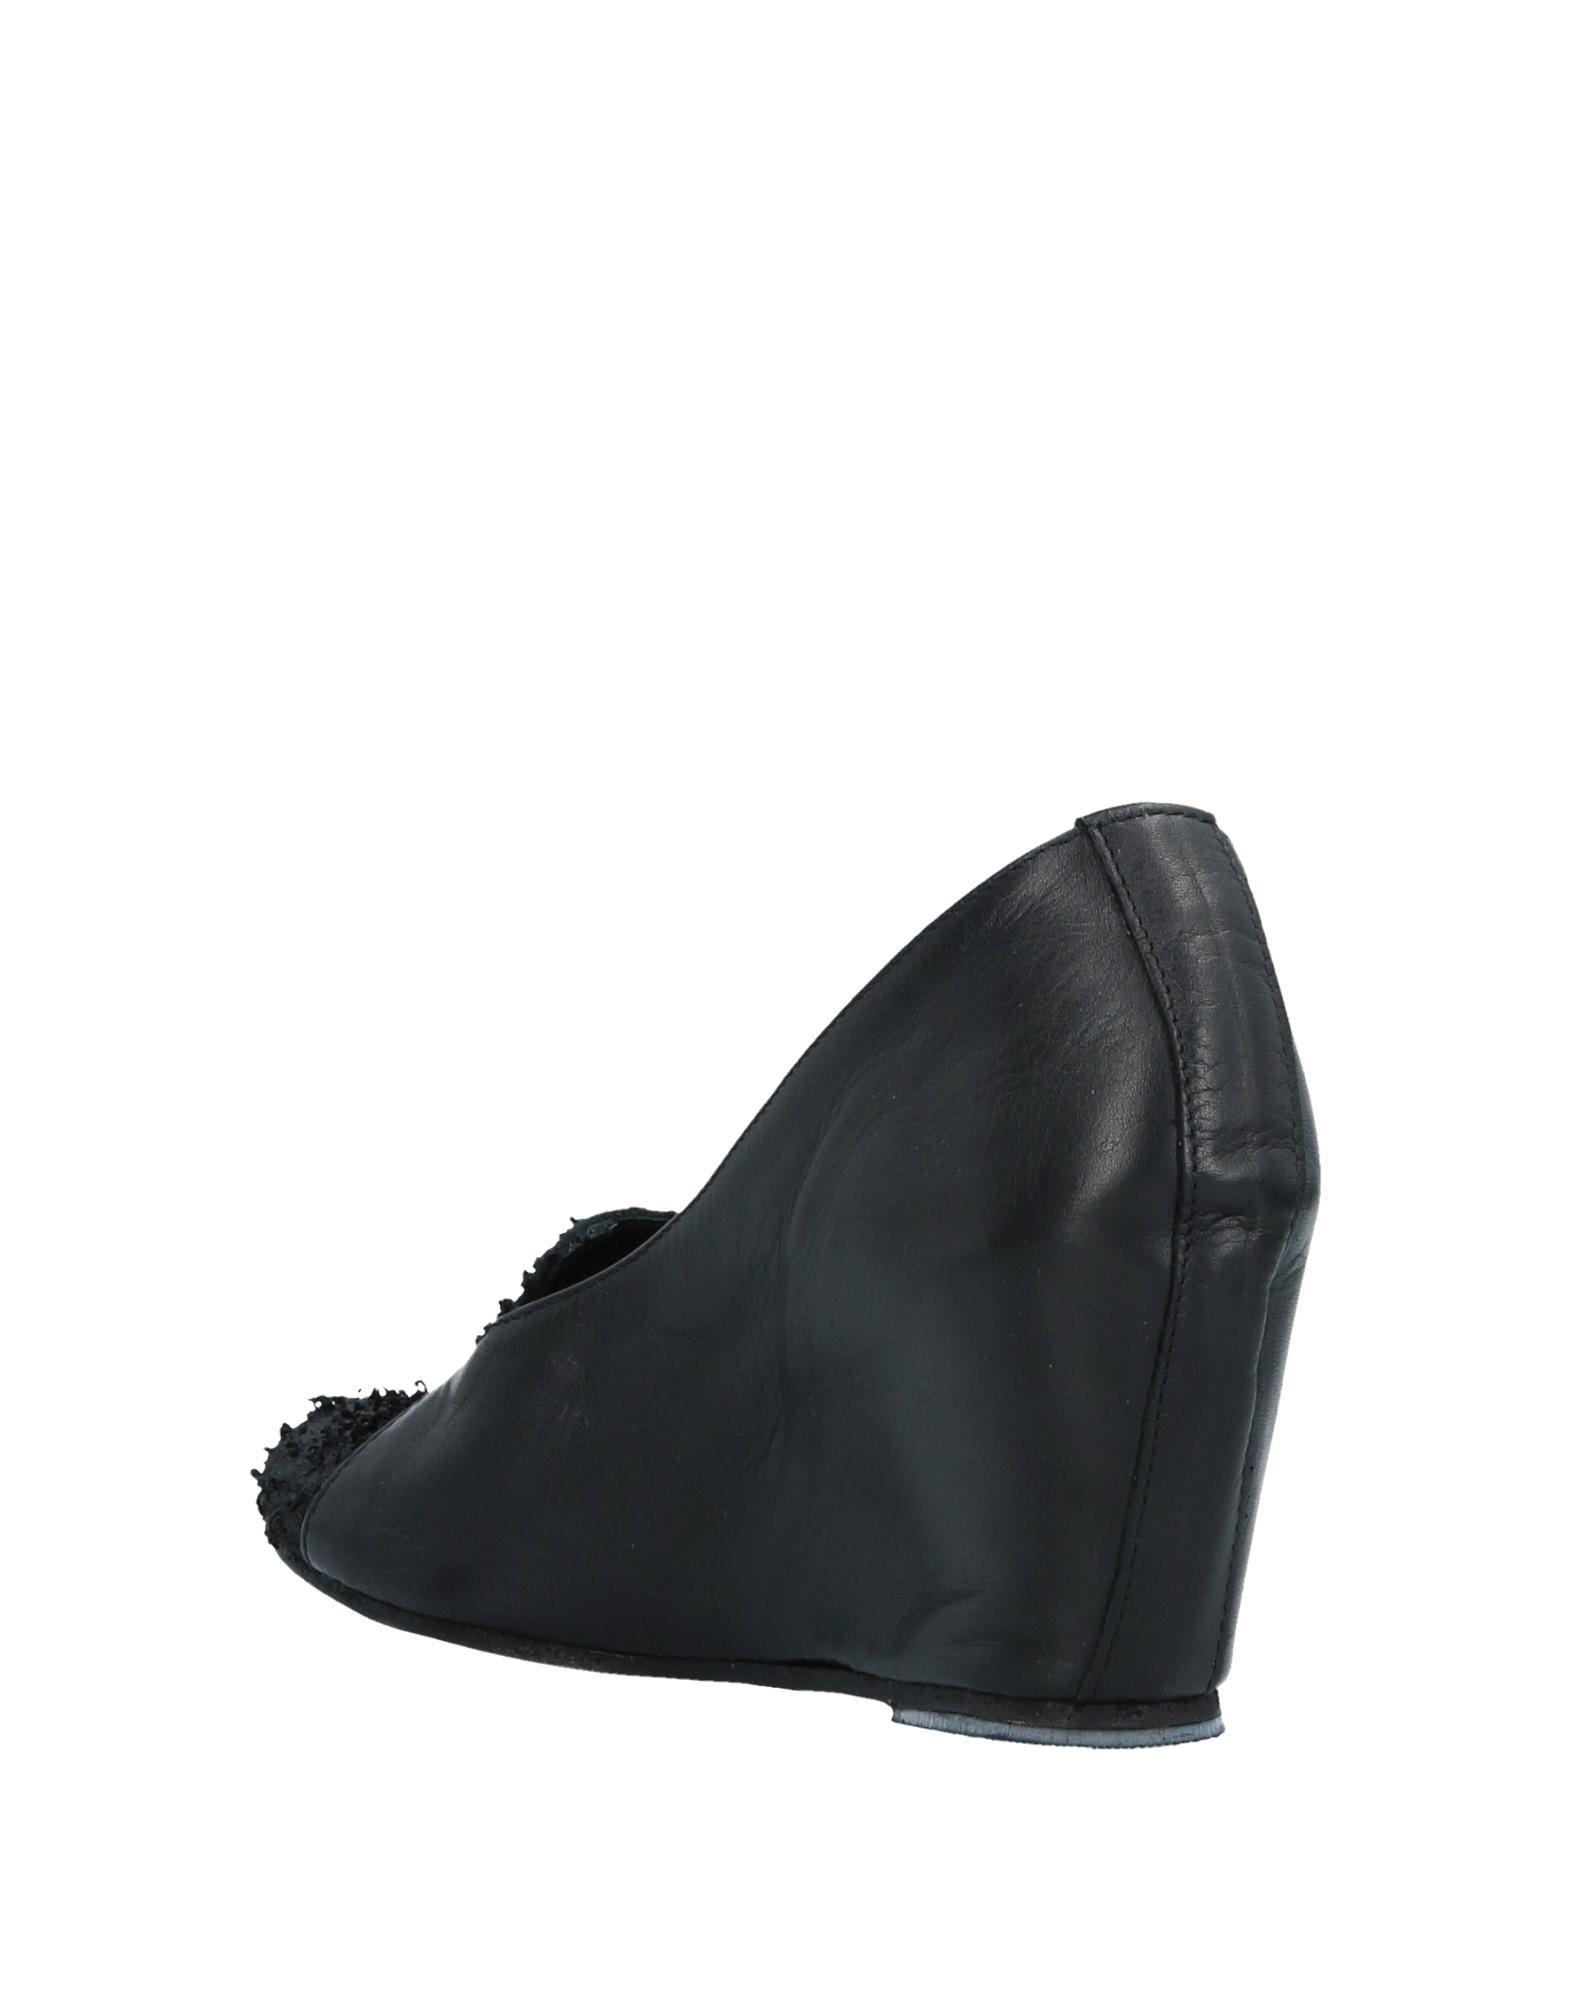 Kudetà Gute Pumps Damen  11515810AE Gute Kudetà Qualität beliebte Schuhe e78673